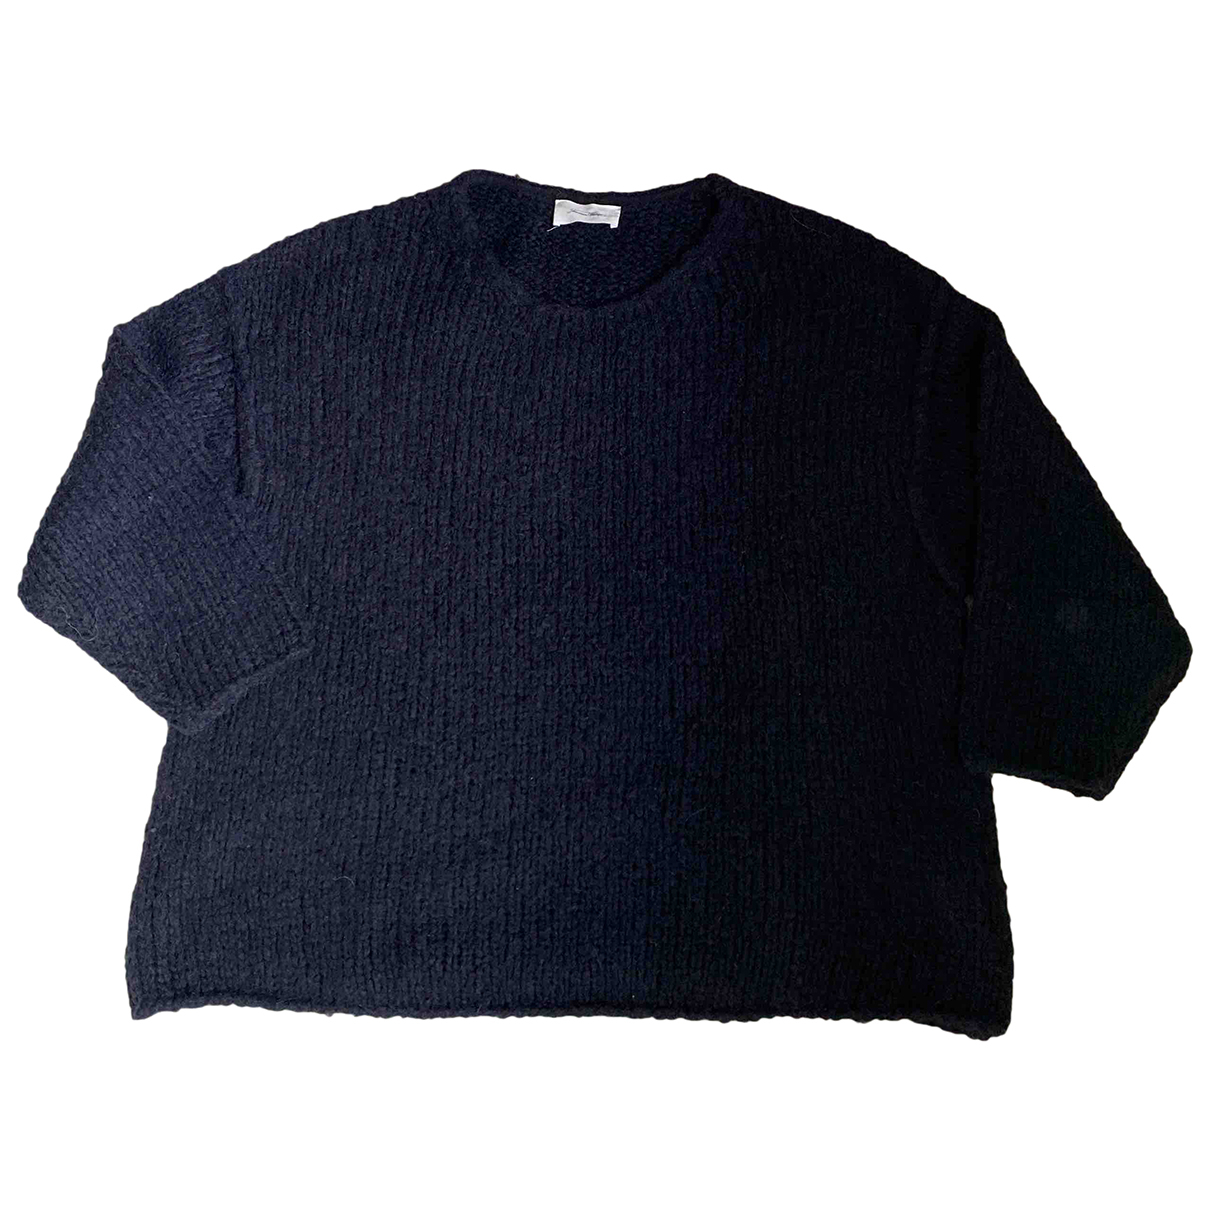 American Vintage - Pull   pour femme en laine - noir